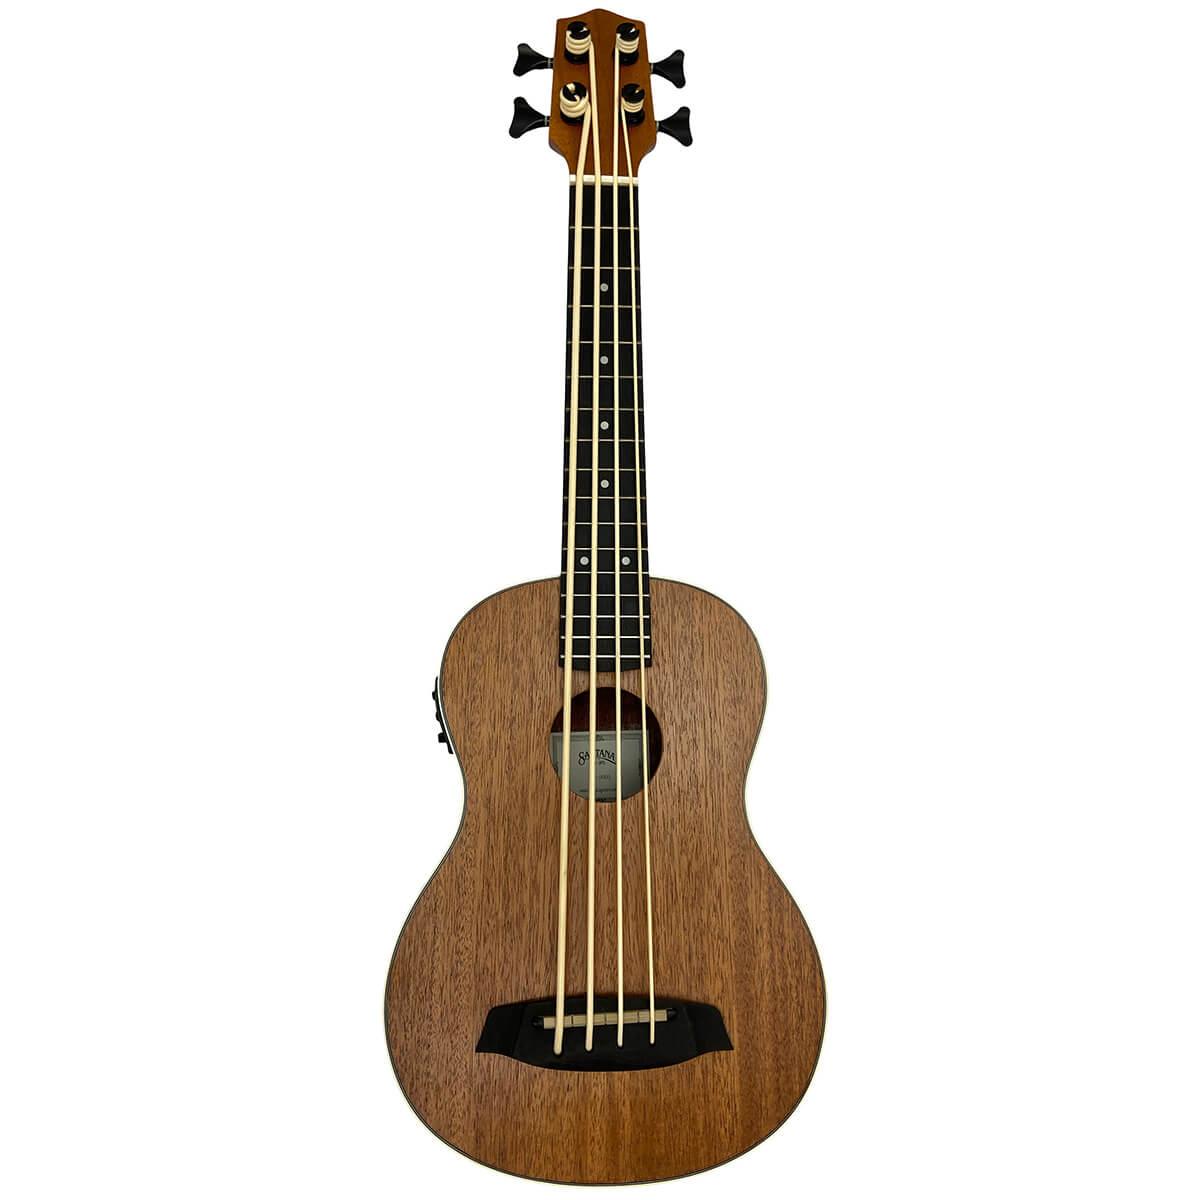 Santana UKBAS 3 bas-ukulele